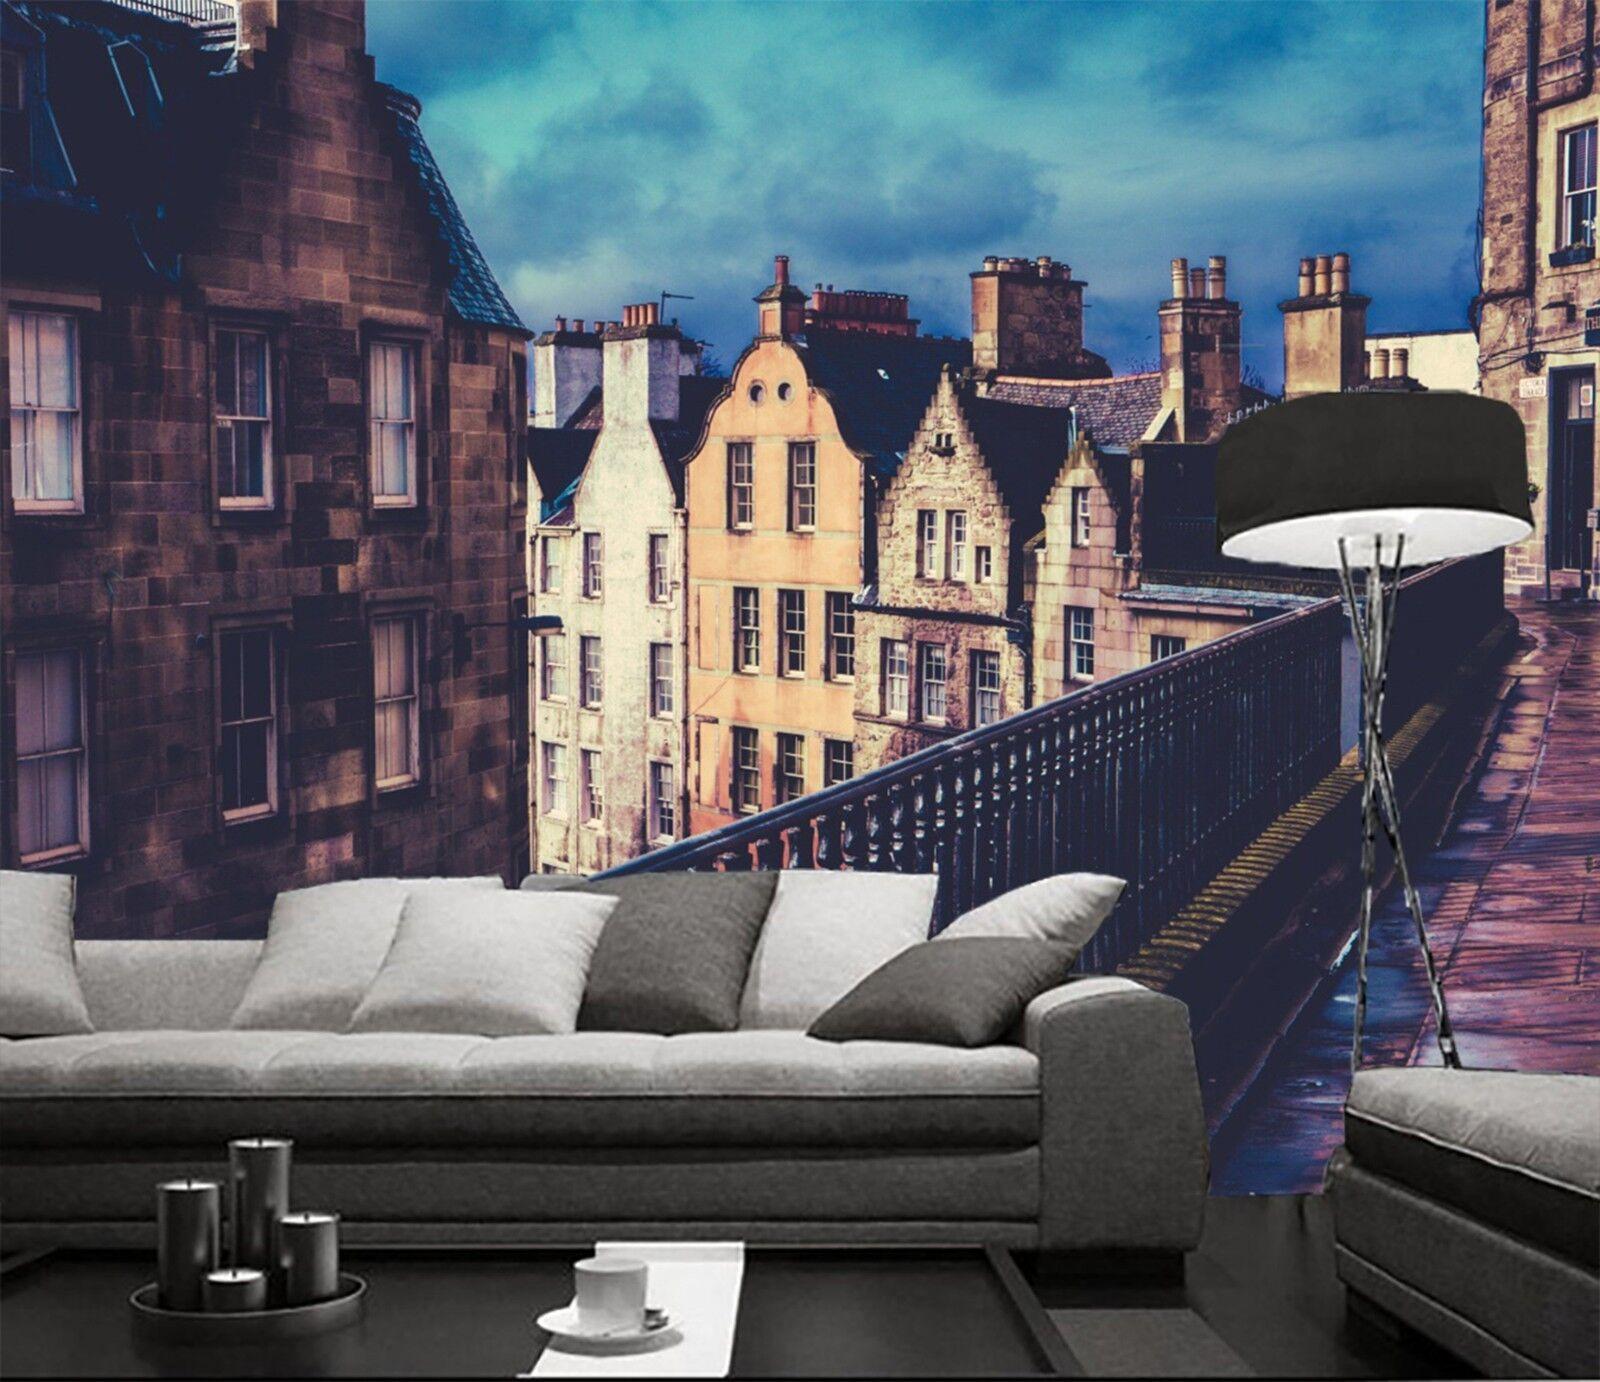 3D Stadt Haus Korridor 8367 Tapete Wandgemälde Tapeten Bild Familie DE Lemon